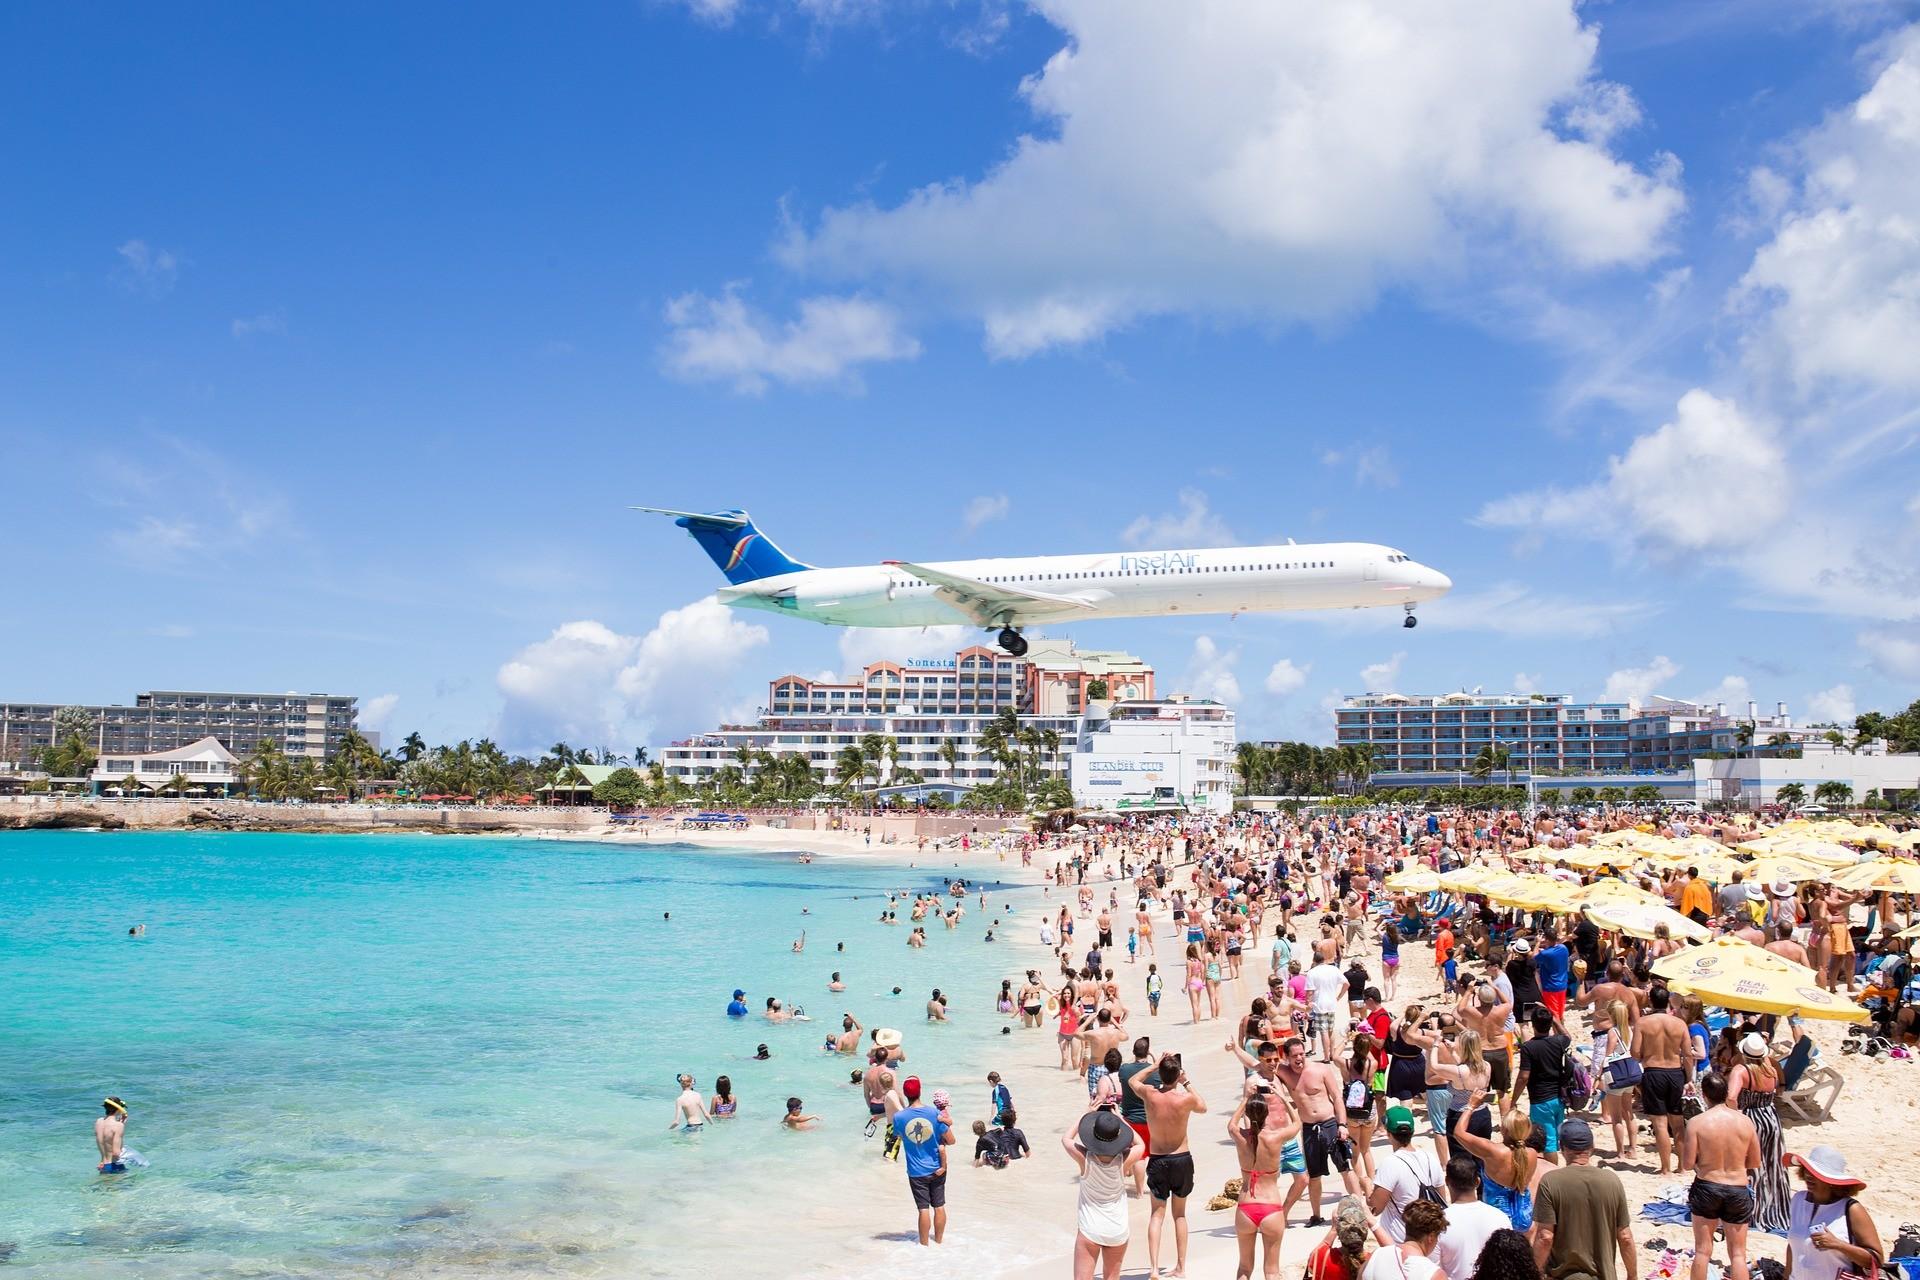 Planespotting Maho Beach